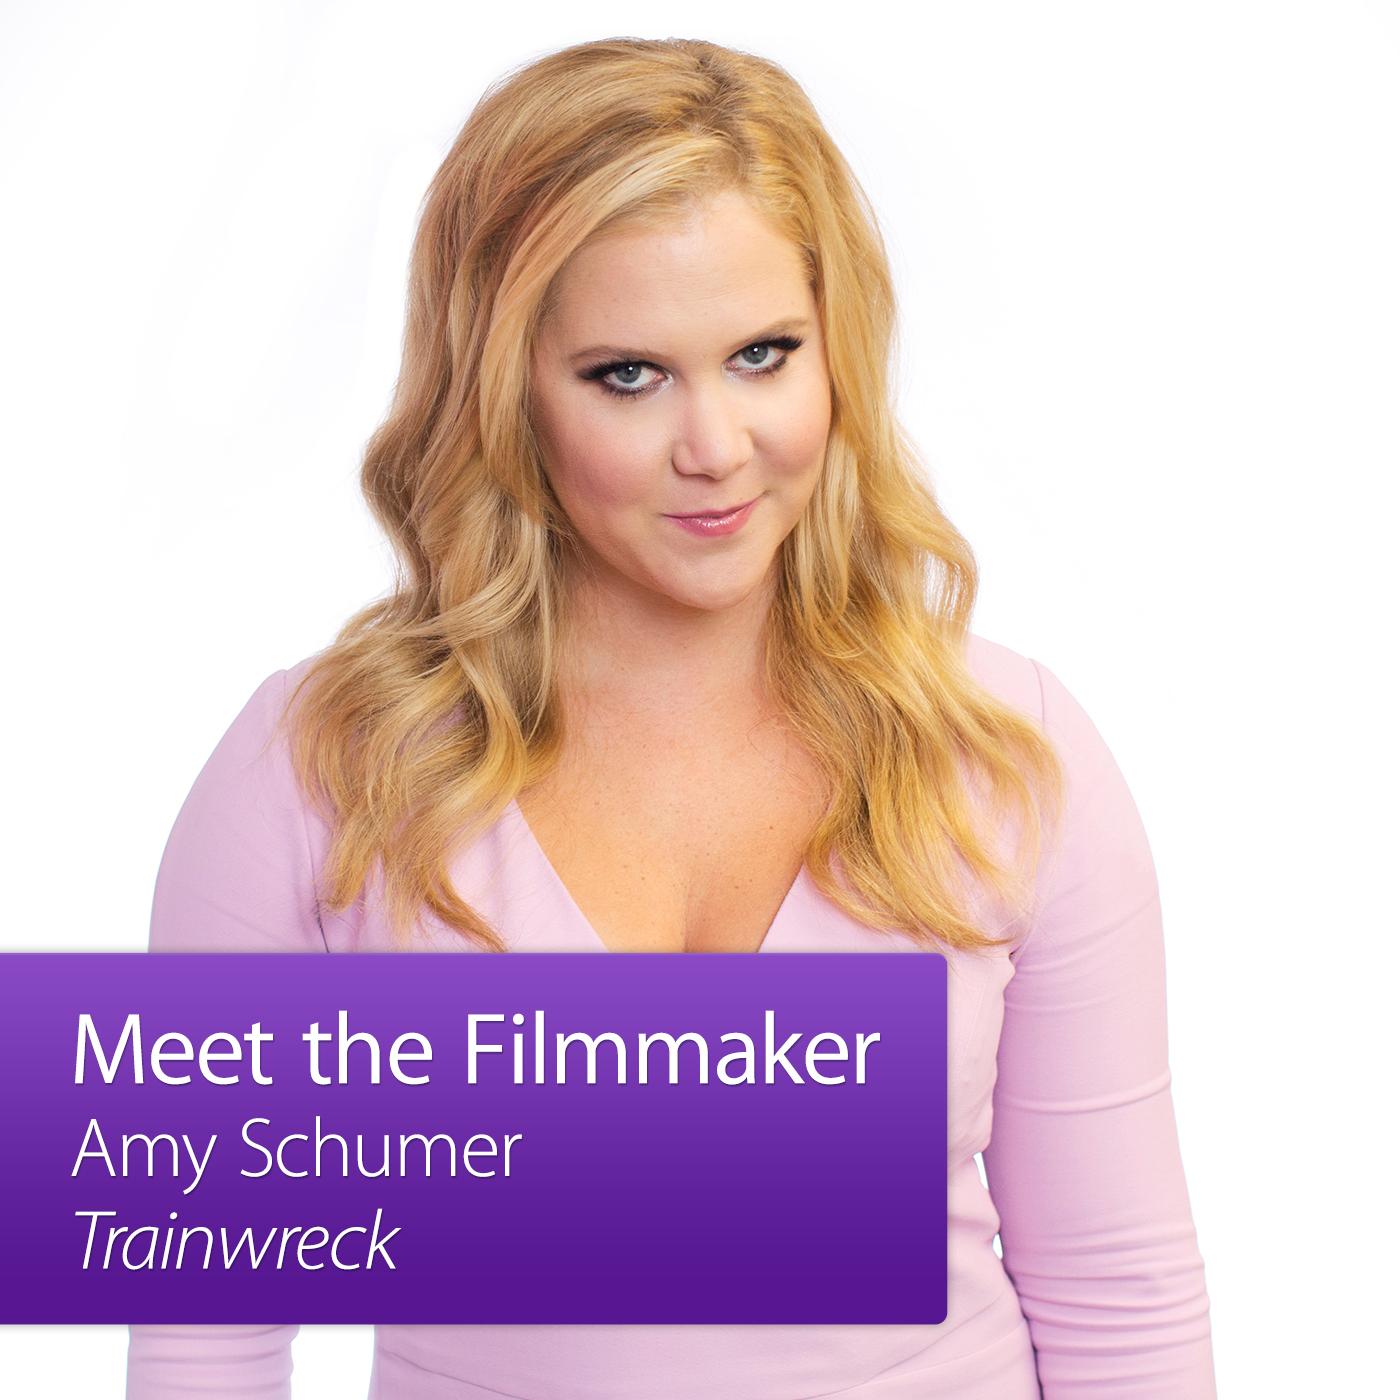 Trainwreck: Meet the Filmmaker